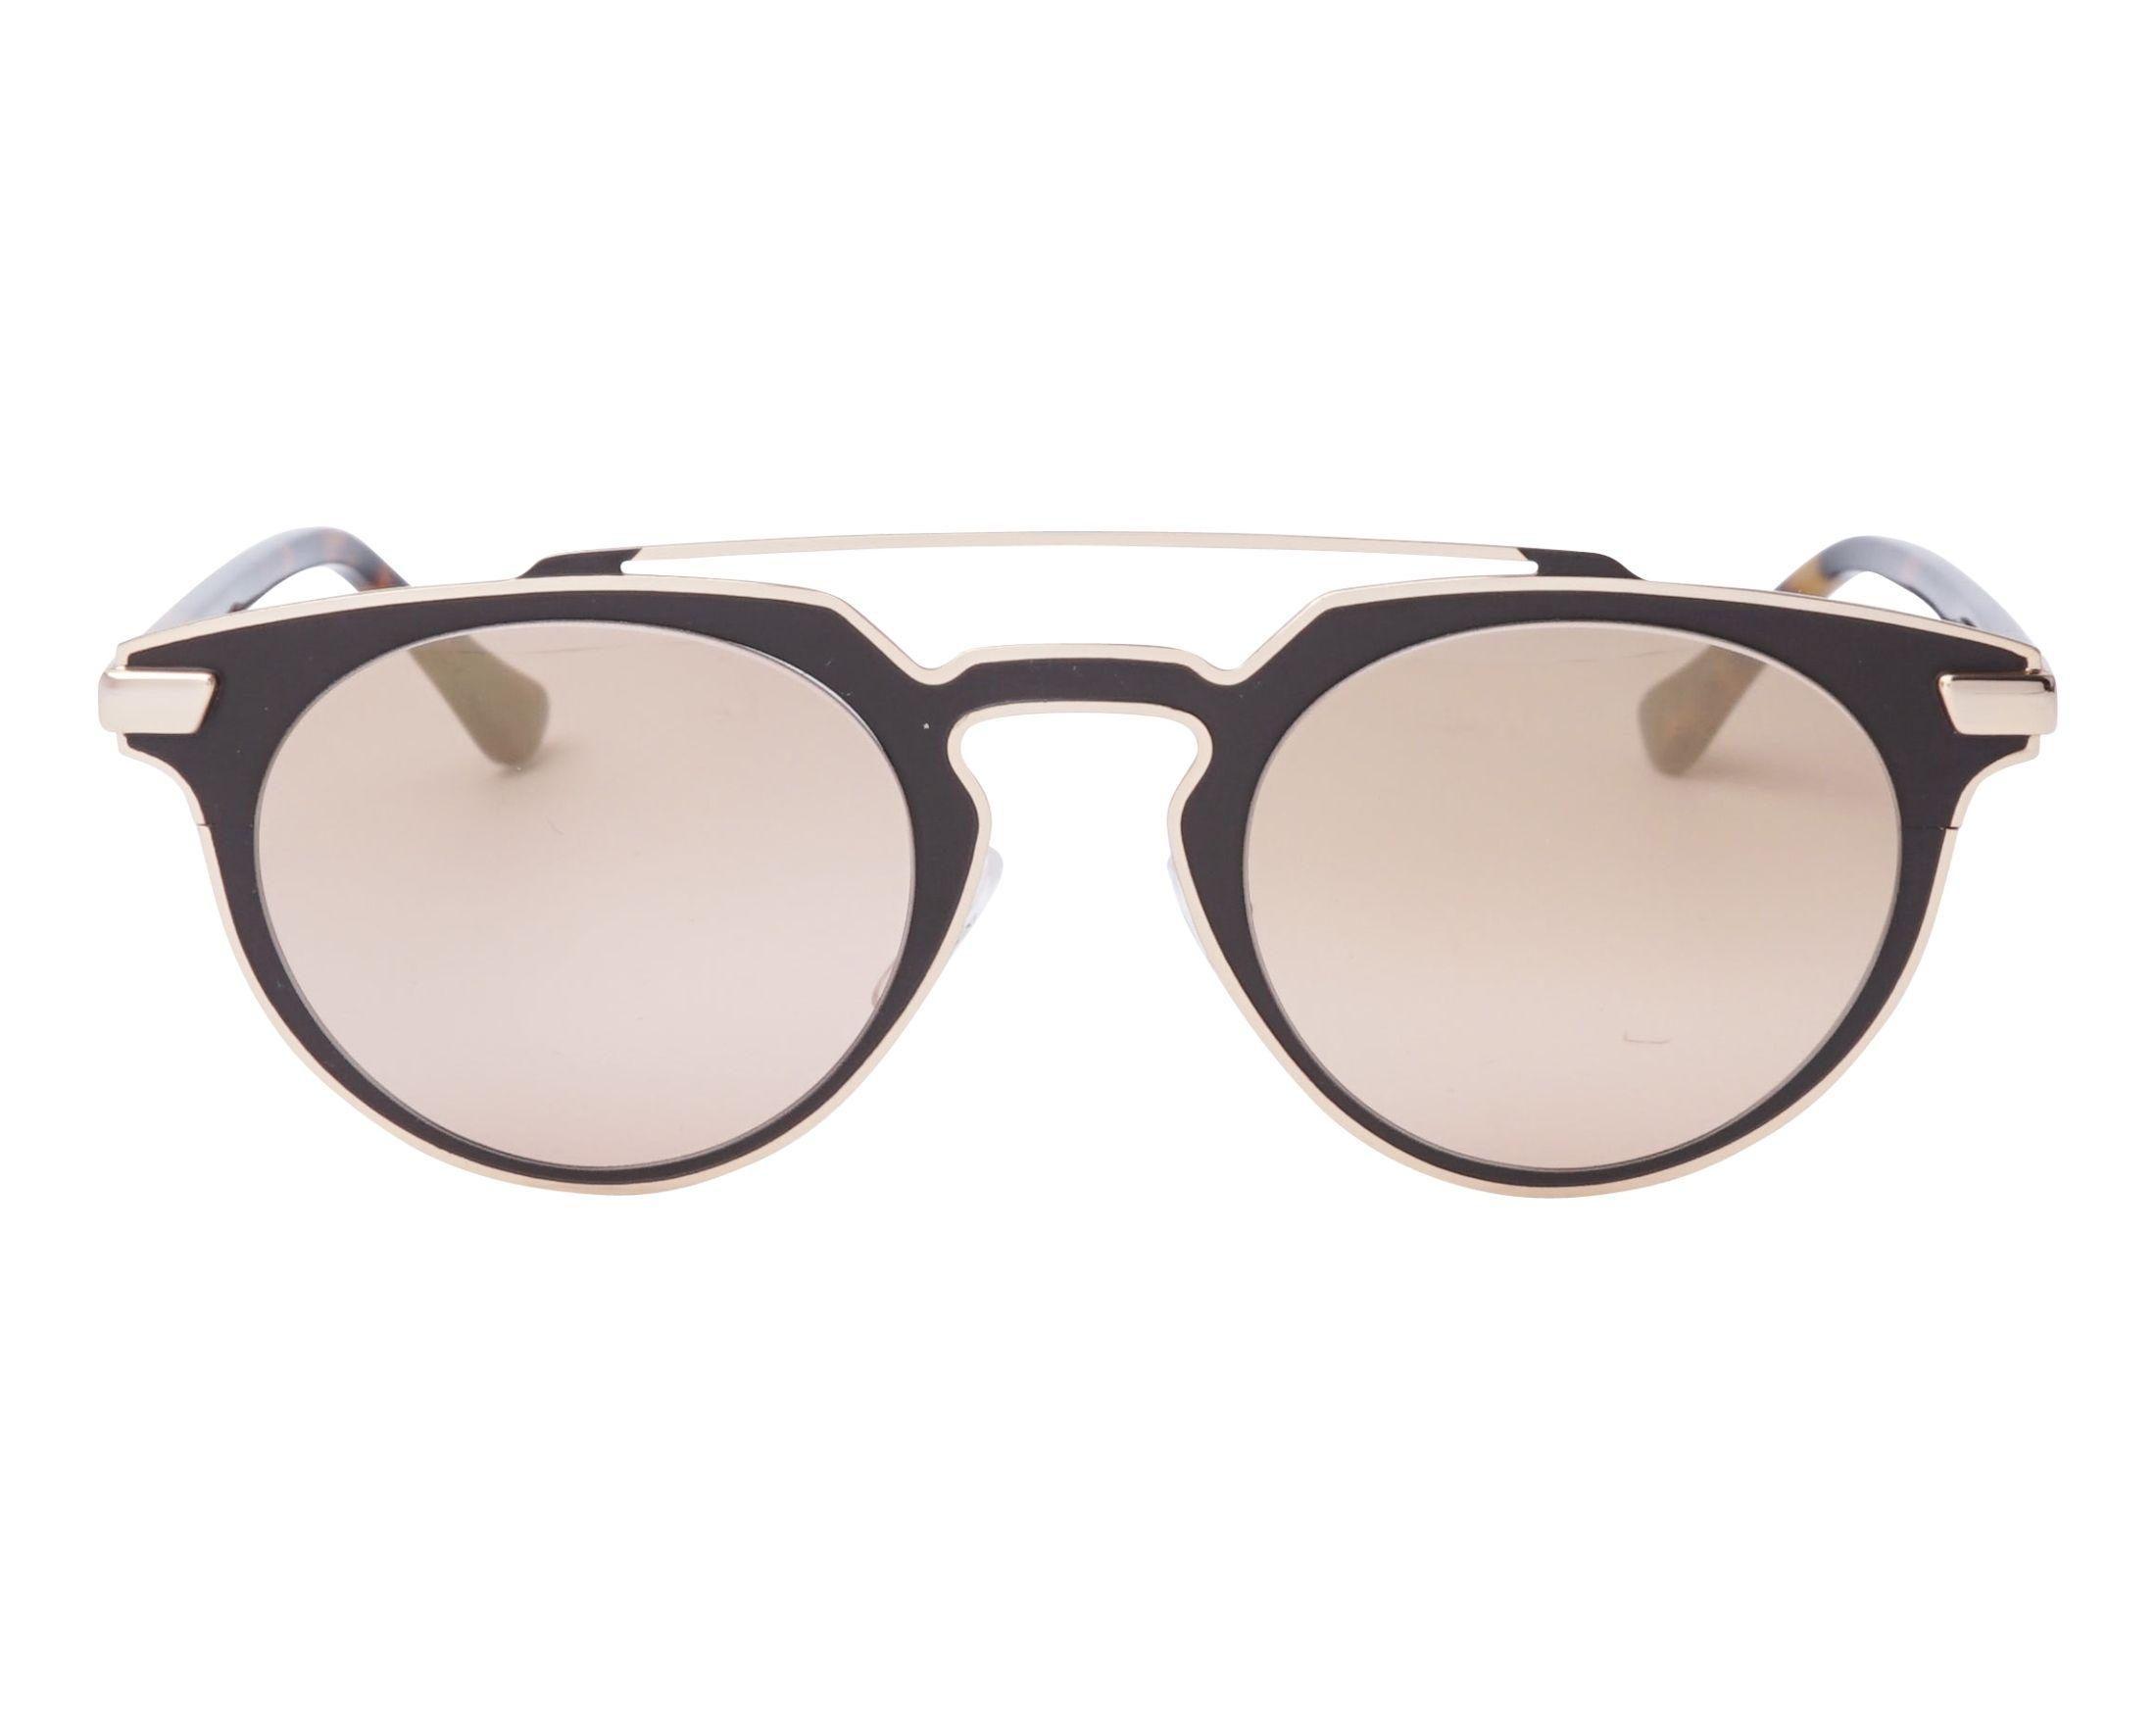 Calvin Klein Sonnenbrille » CK2147S«, braun, 210 - braun